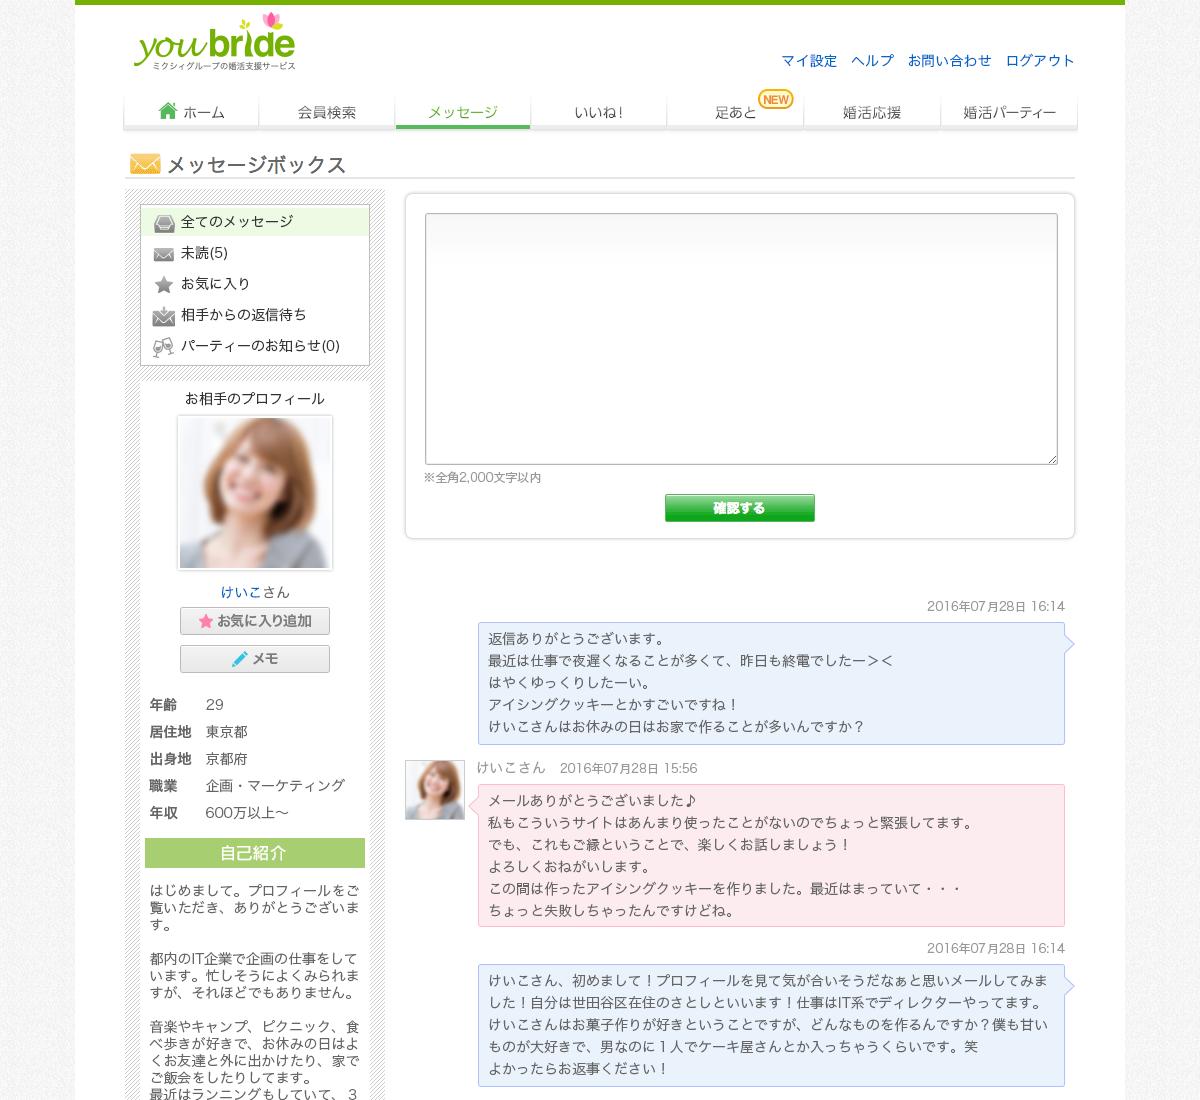 ユーブライドのメッセージ交換画像